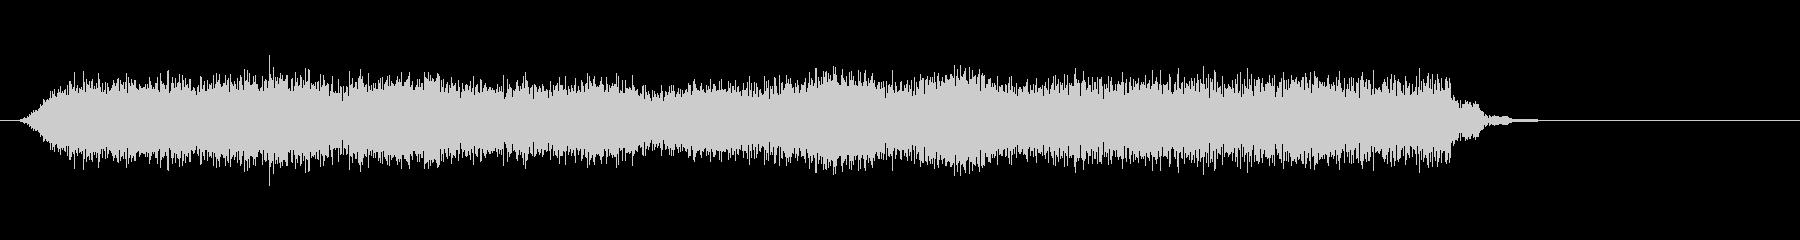 4「暗い、響く恐怖音」ゴーーォォオオーンの未再生の波形